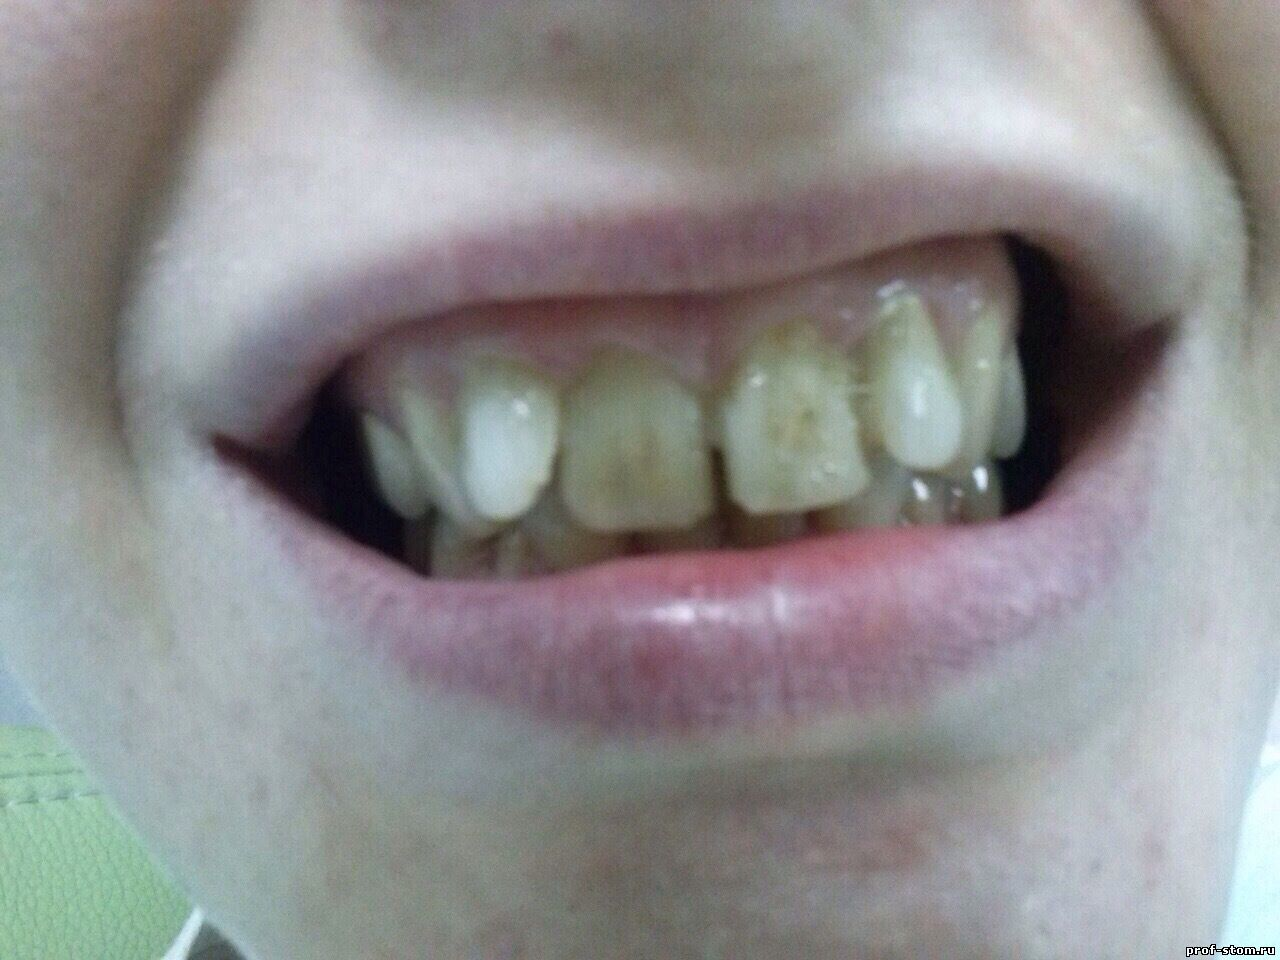 протез зубов винирами